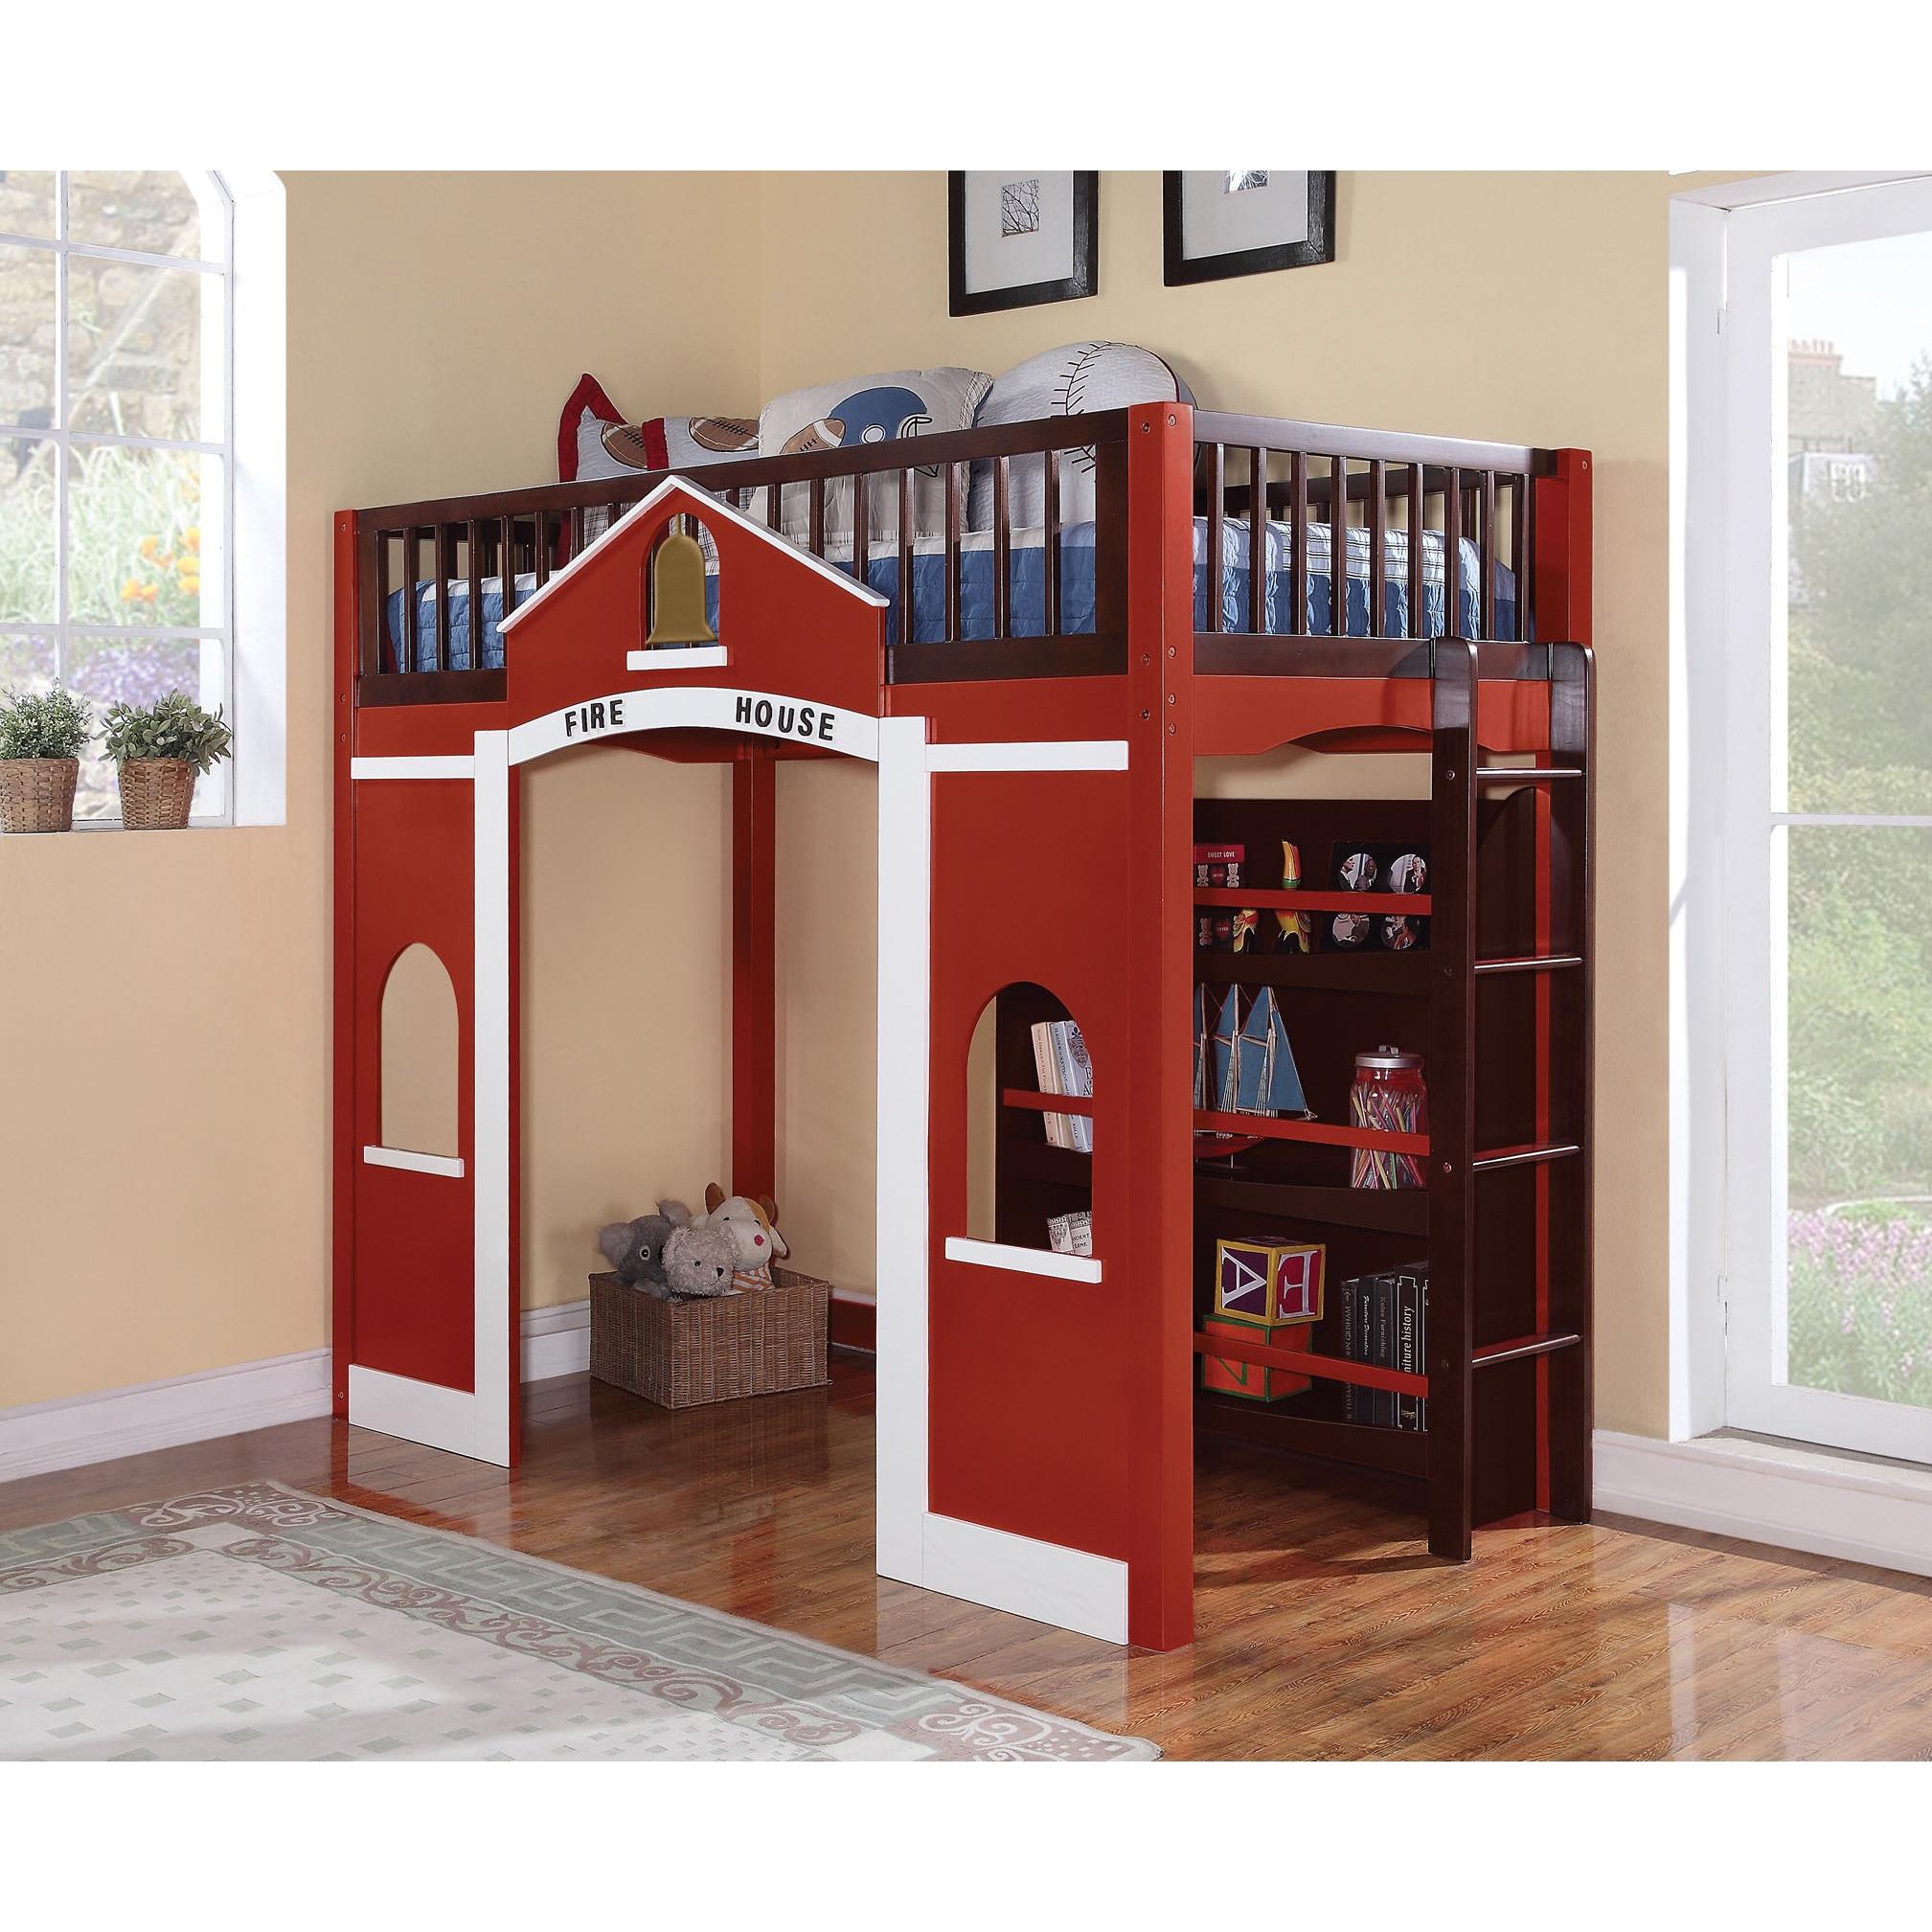 Kids Room: IKEA Stuva Loft Bed With Play Areas - Stuva Loft Beds